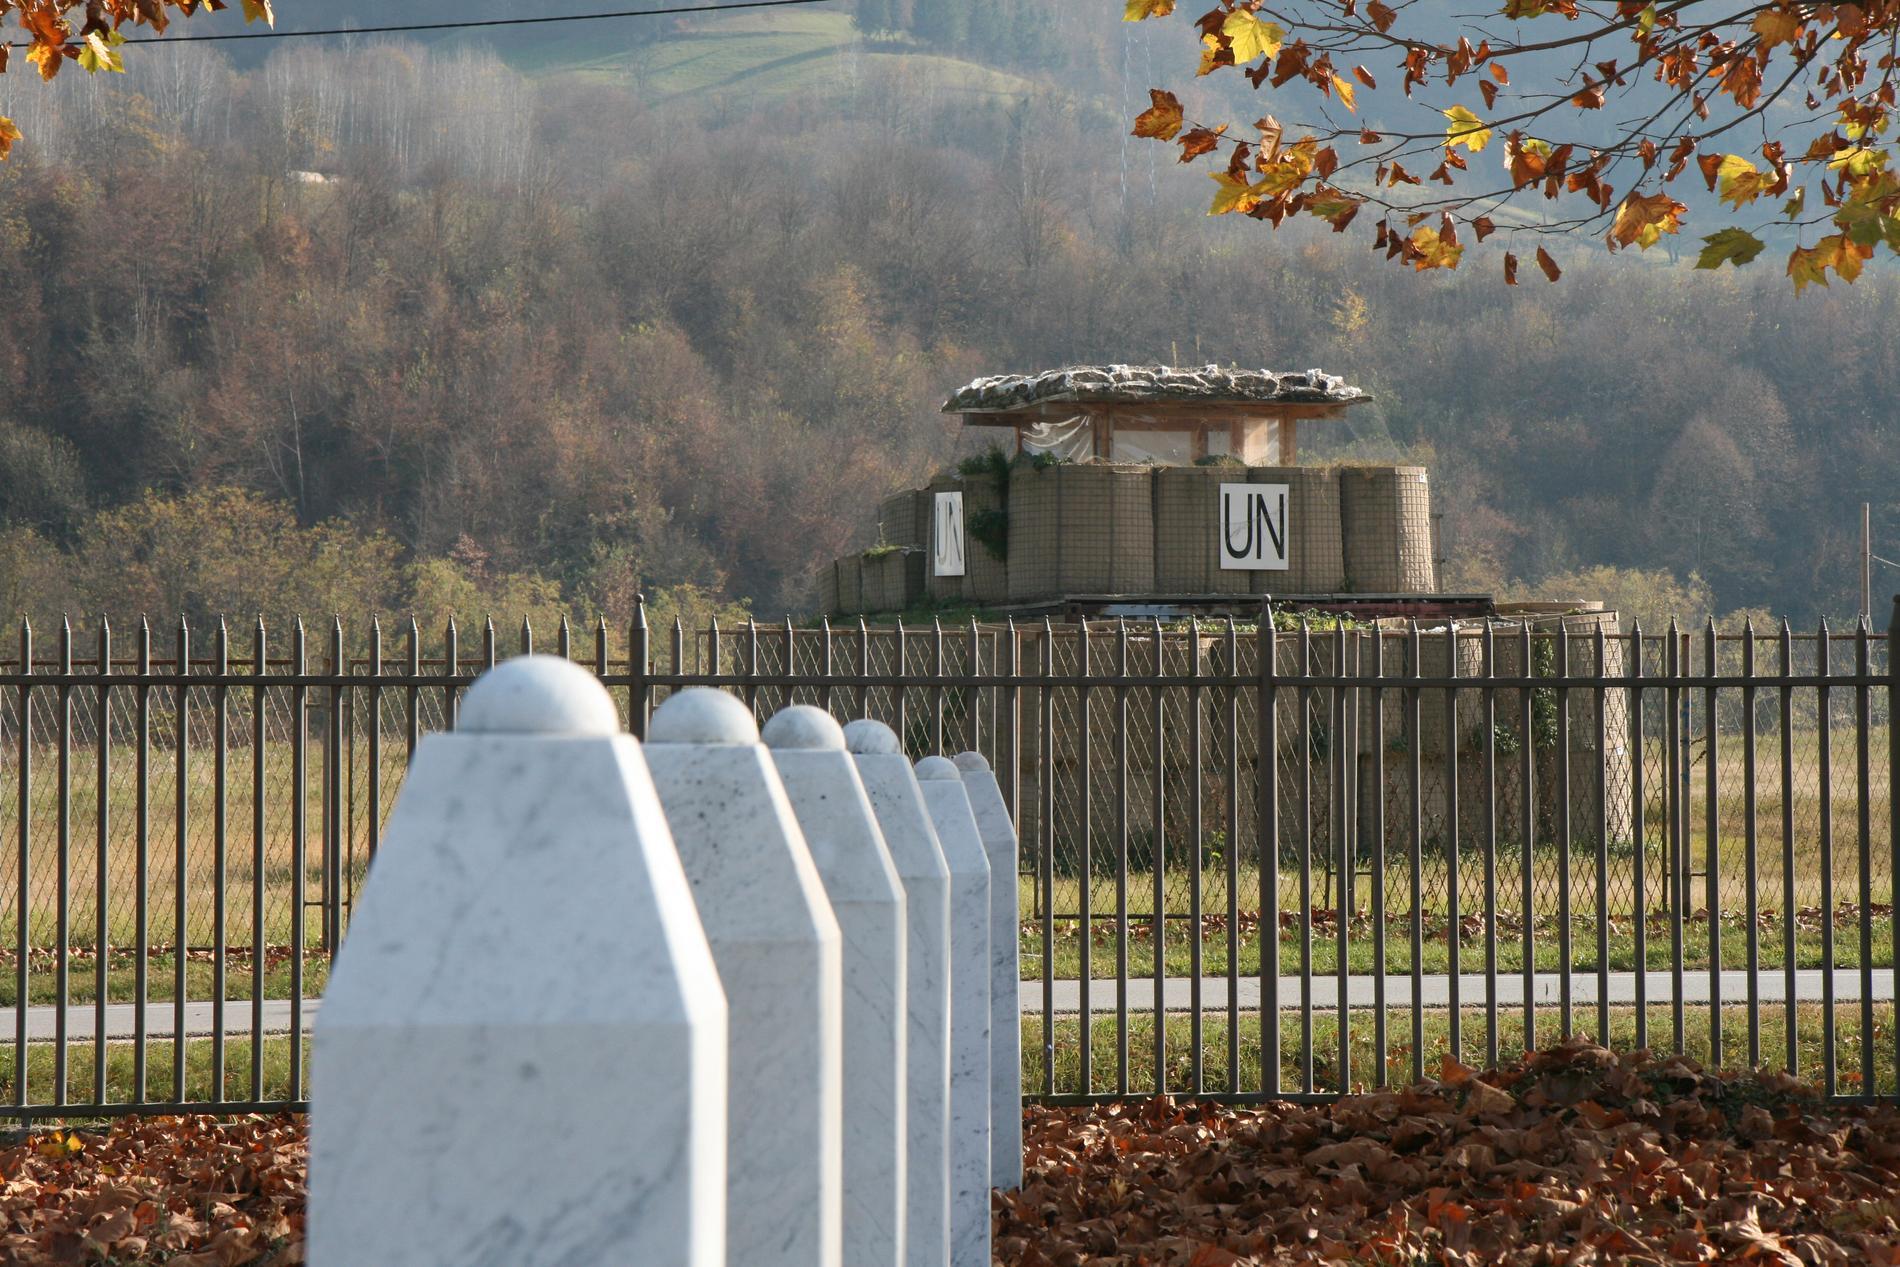 Till FN-basen utanför Srebrenica flydde flyktingarna. Gravfältet är en fasansfull påminnelse om att det internationella samfundet misslyckades fullständigt.